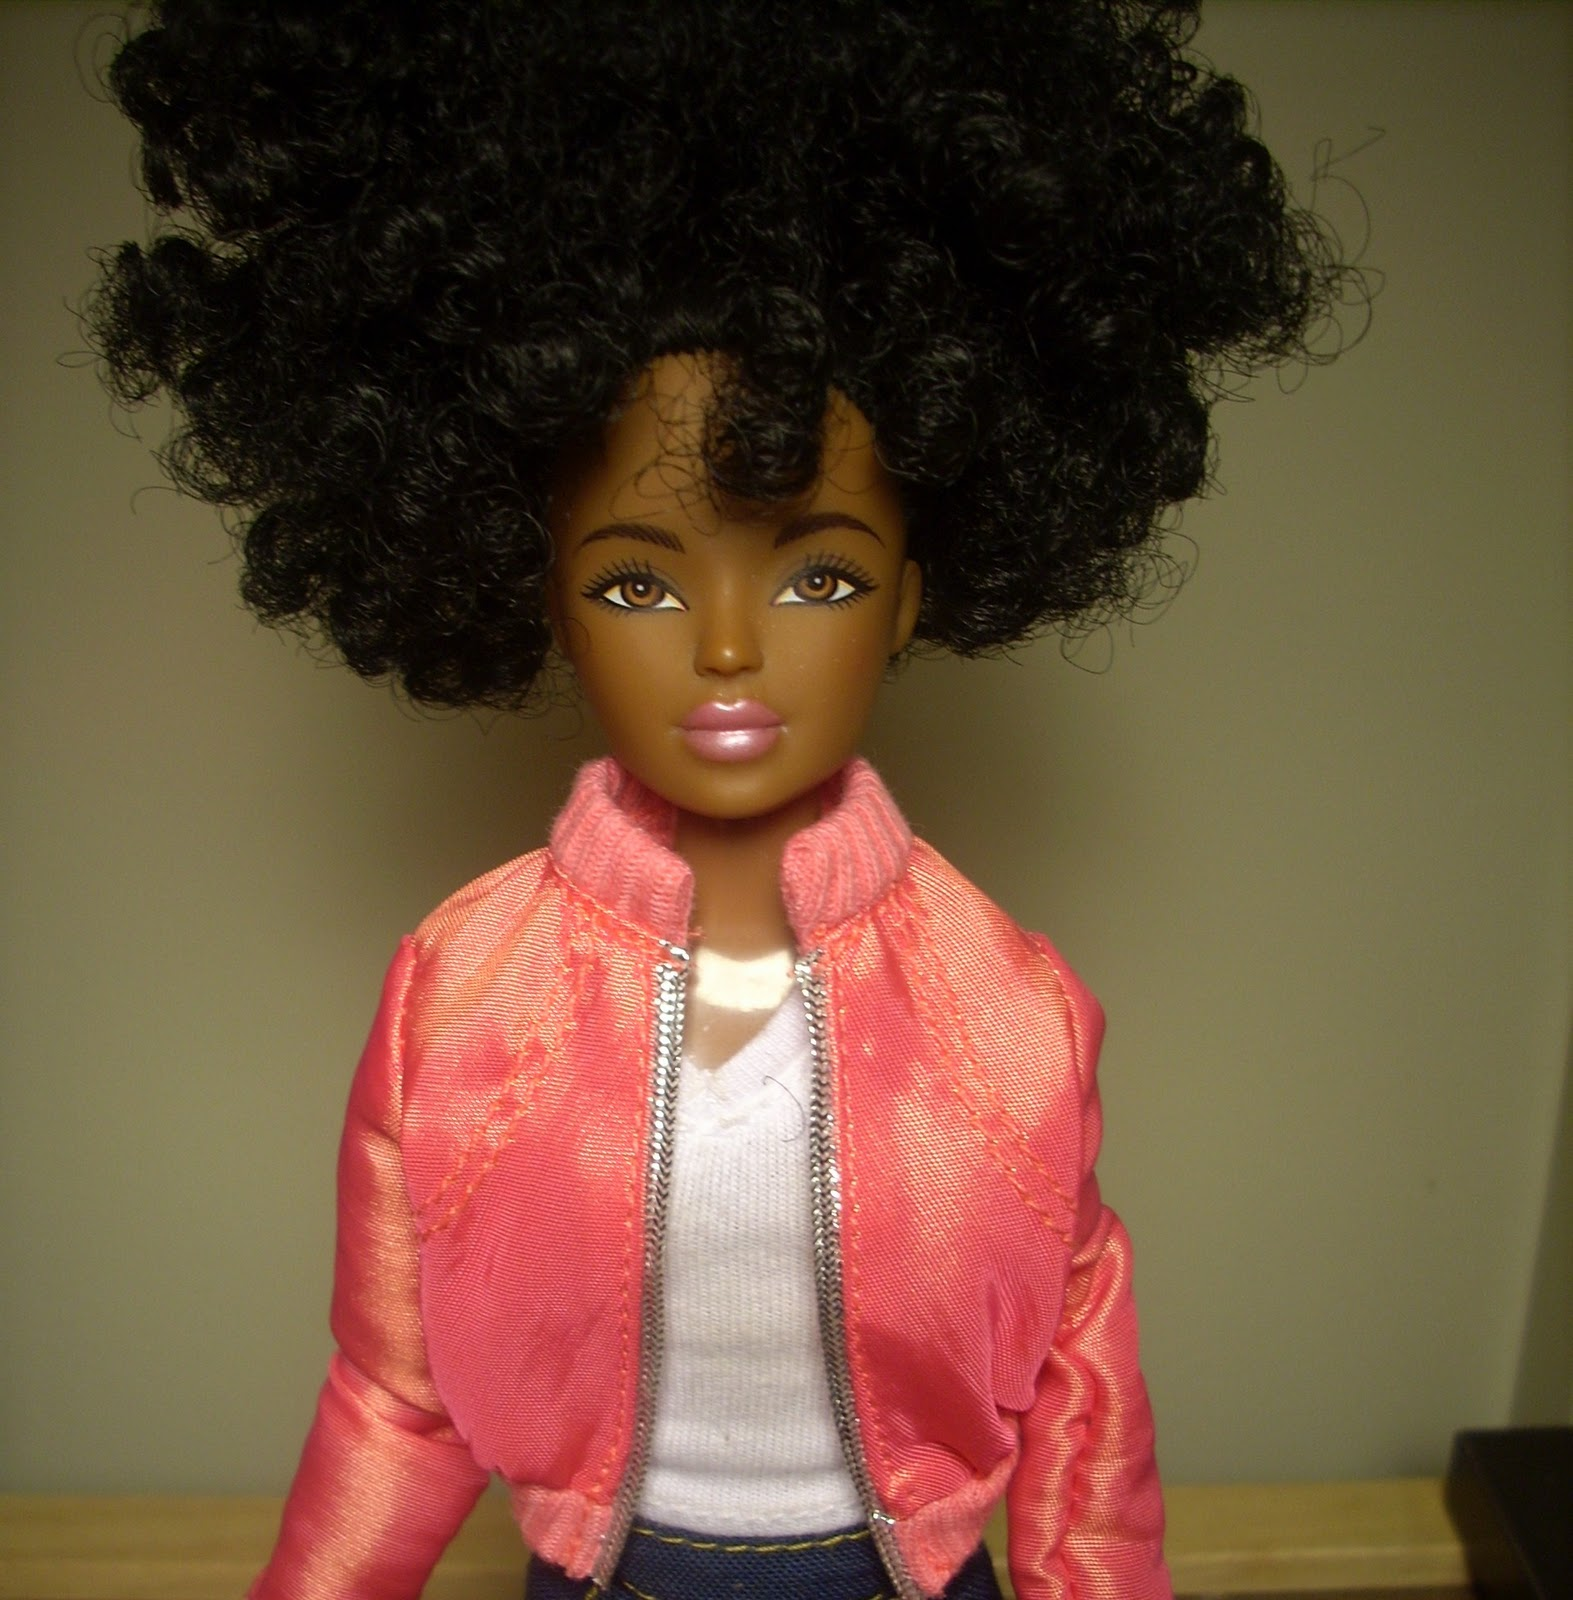 http://3.bp.blogspot.com/-z6xfsP383zg/TnjxR1RT-aI/AAAAAAAAAjc/3Jahj4-ShDU/s1600/New+Characters+to+Dolls+and+the+City+VII+047.JPG